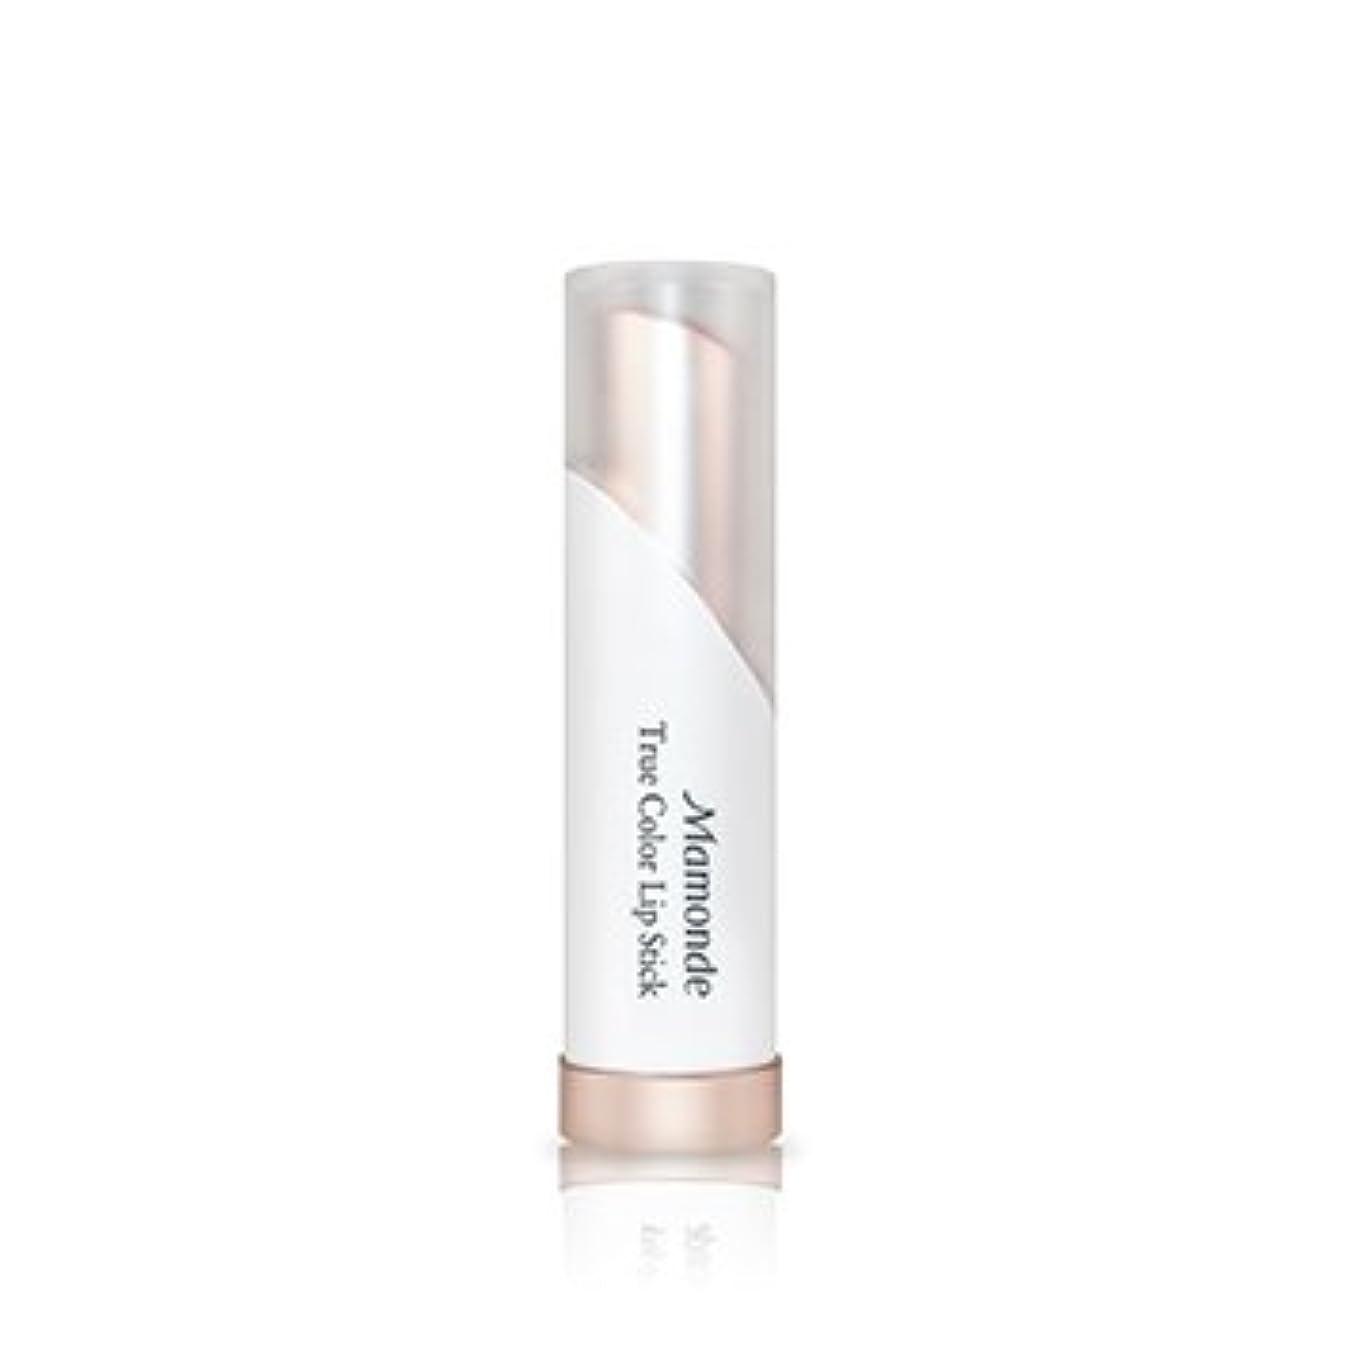 見て火薬争い[New] Mamonde True Color Lip Stick 3.5g/マモンド トゥルー カラー リップスティック 3.5g (#10 Happy Orange) [並行輸入品]